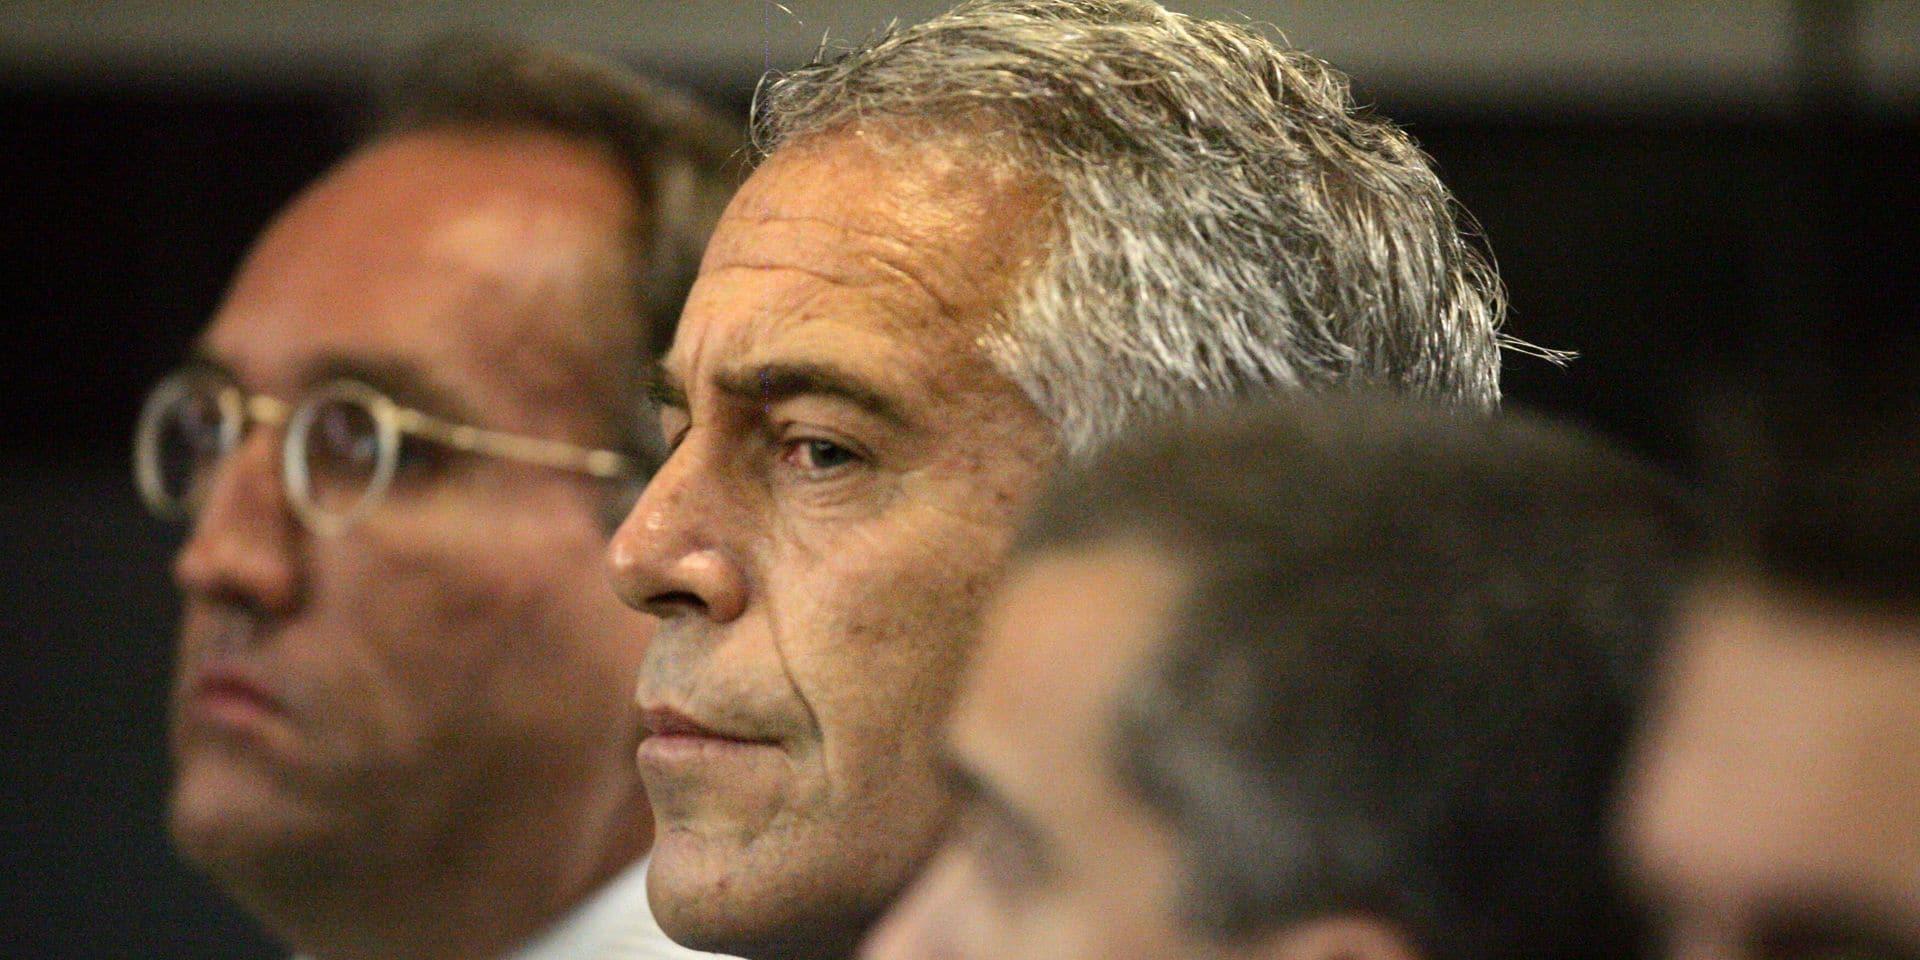 Affaire Epstein: une demeure vendue à 51 millions de dollars financera les compensations aux victimes